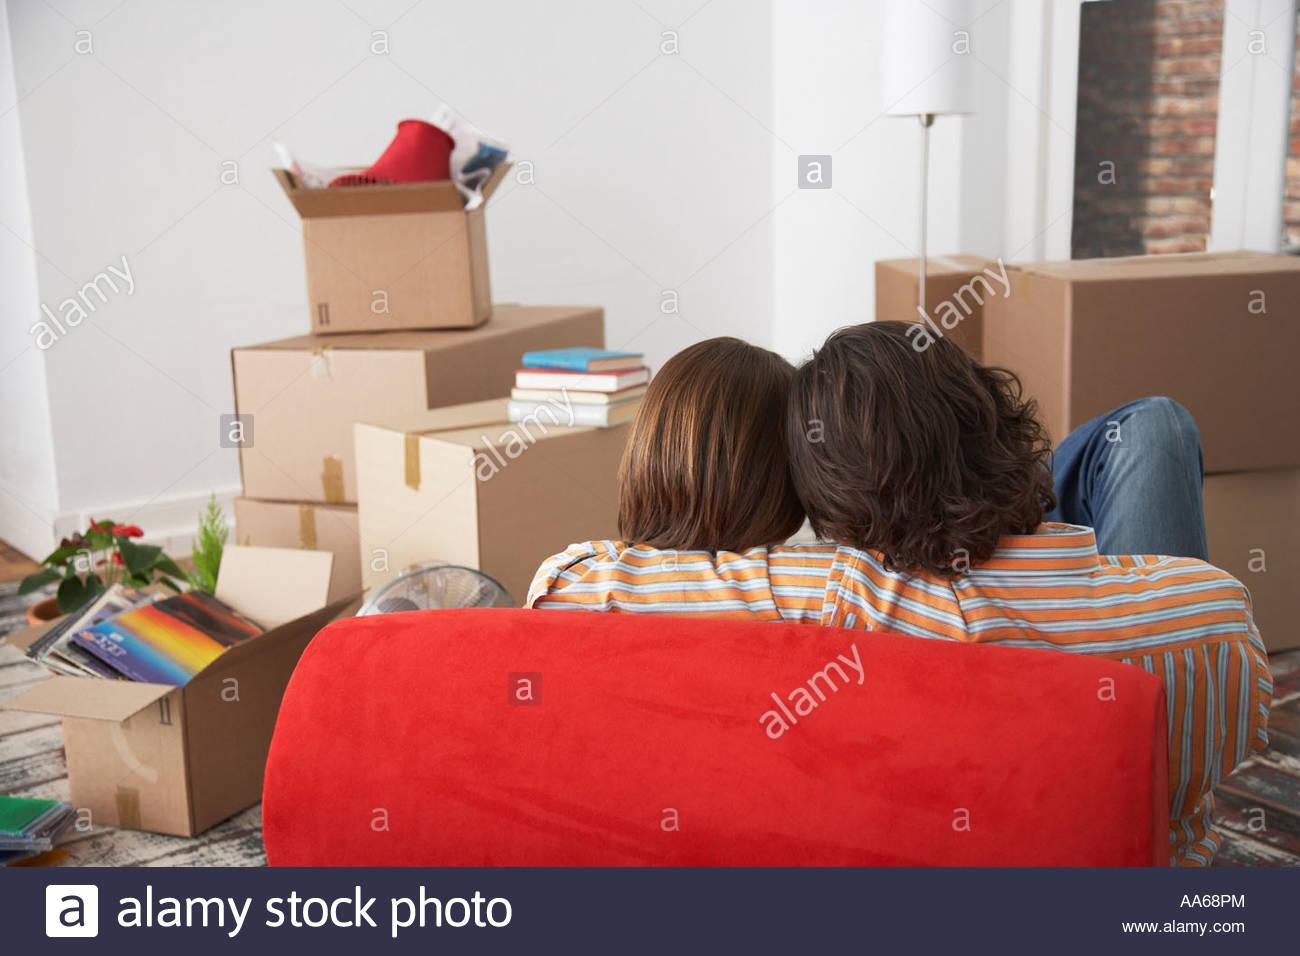 Vista trasera de la pareja en la silla roja en casa con cajas de cartón Imagen De Stock